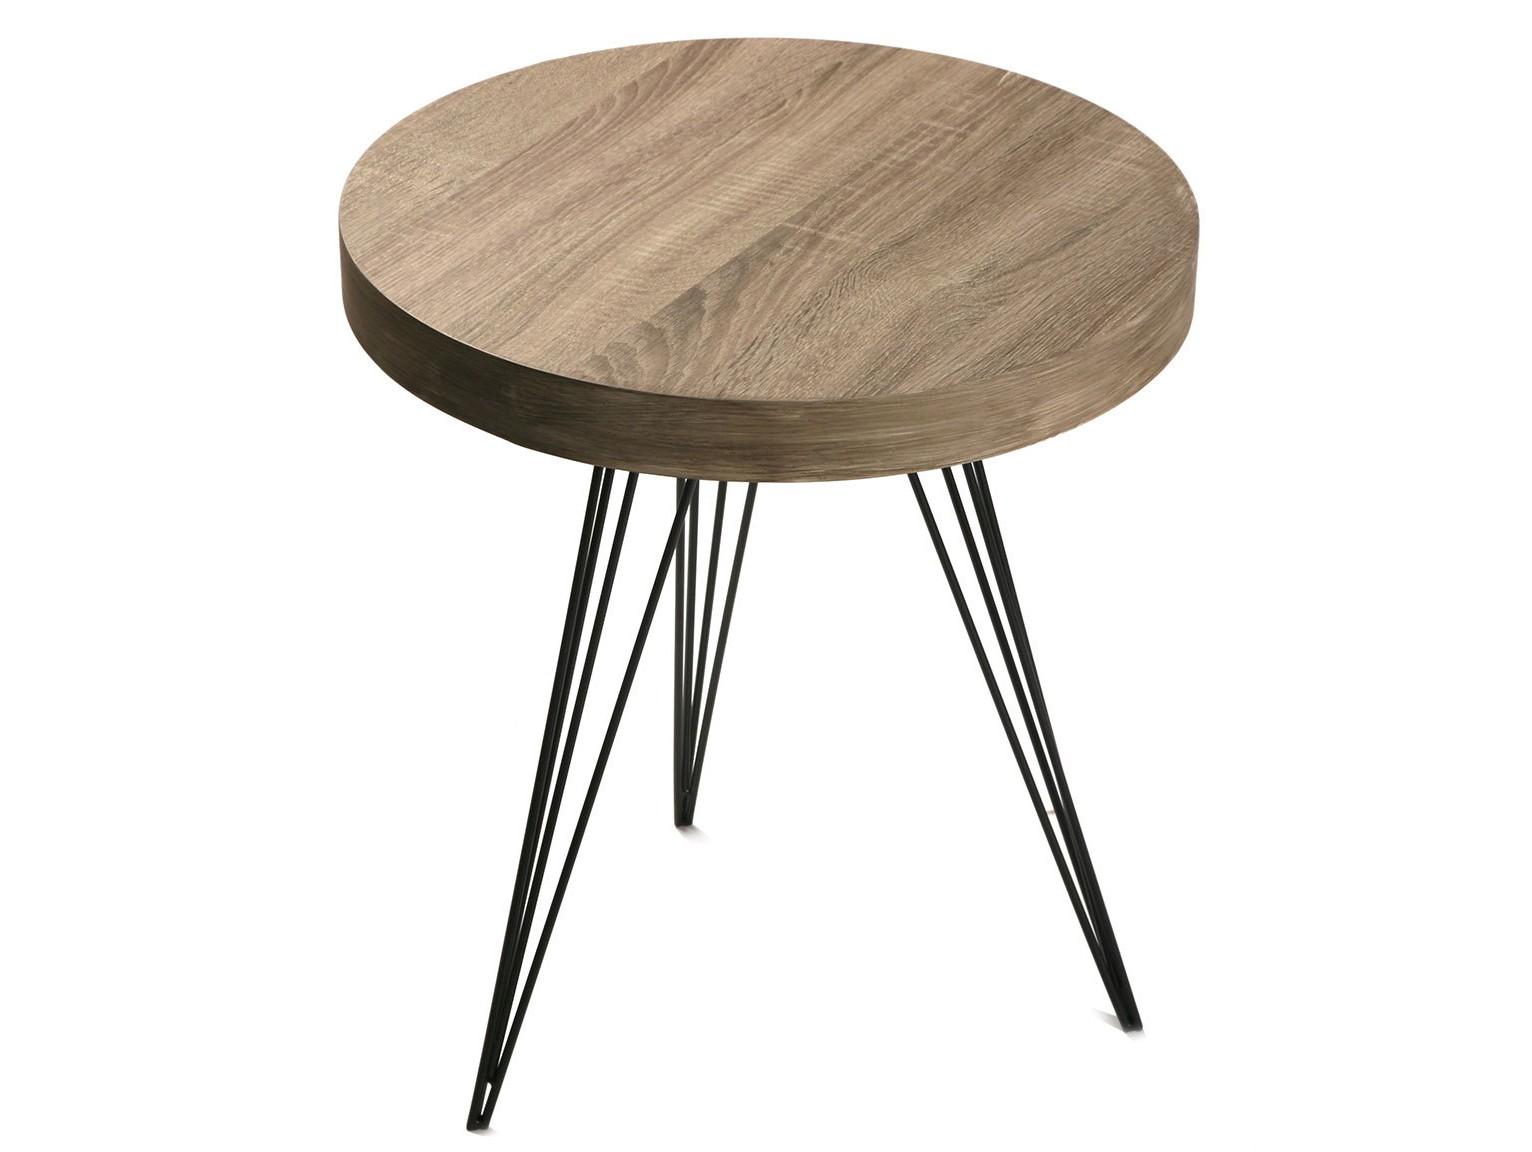 СтолКофейные столики<br><br><br>Material: Дерево<br>Высота см: 55